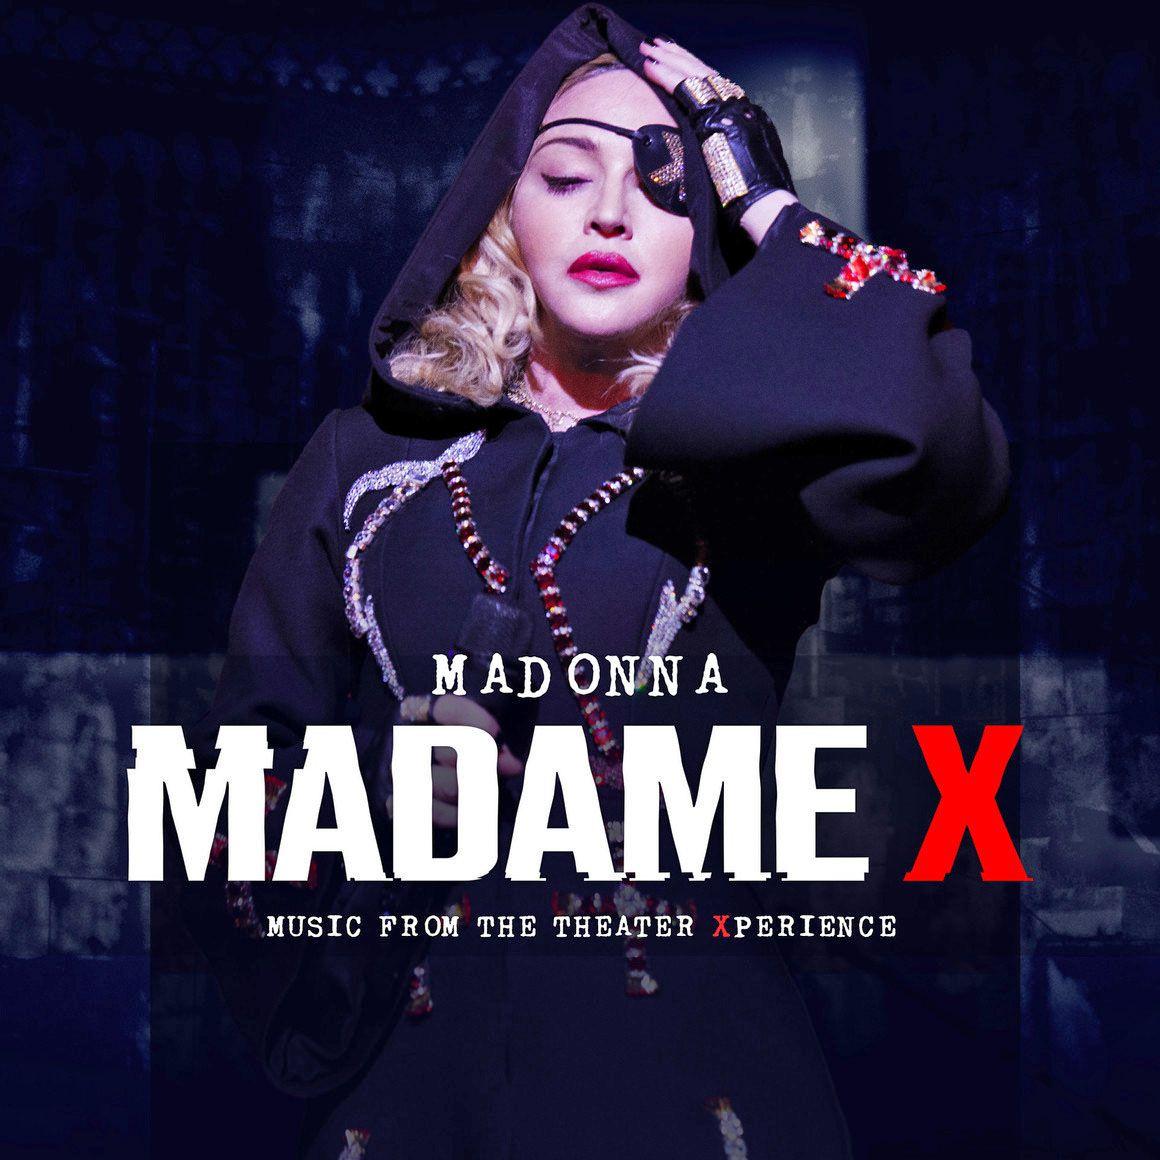 Madonna ungefiltert: Die neuesten Bilder